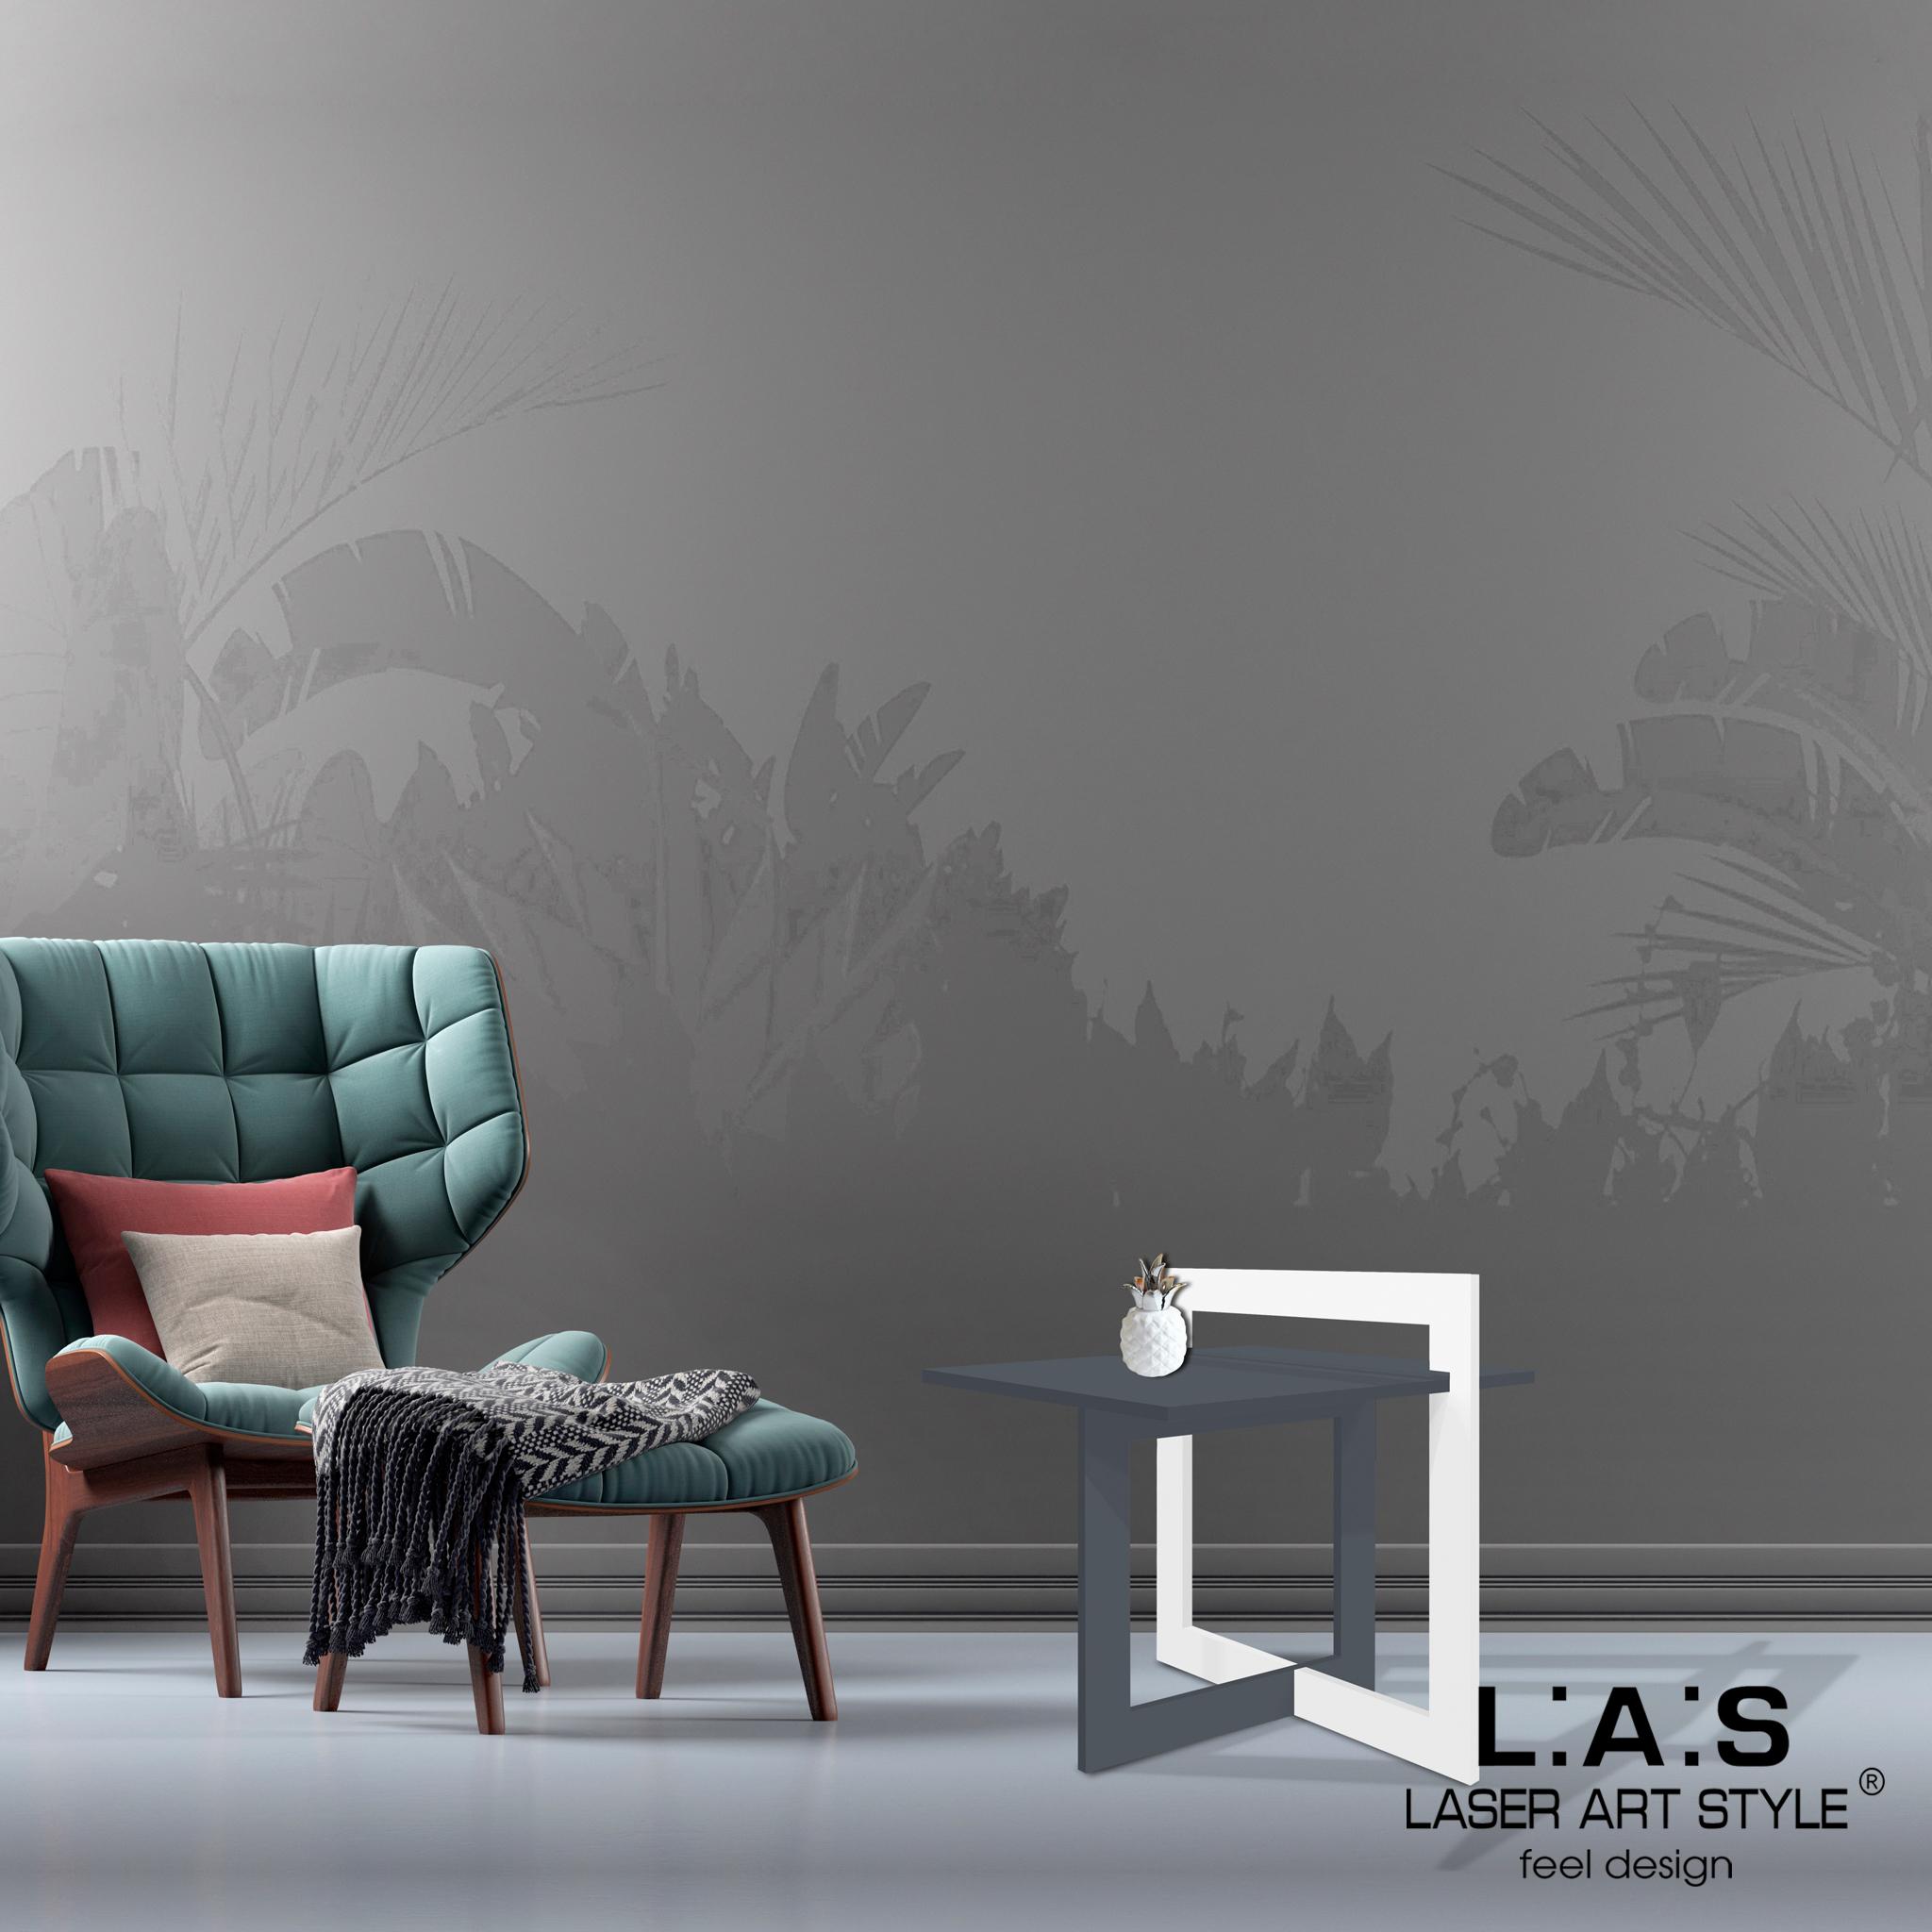 L:A:S - Laser Art Style - TAVOLINO DA CAFFE' DESIGN MINIMAL SI-506 ANTRACITE -BIANCO